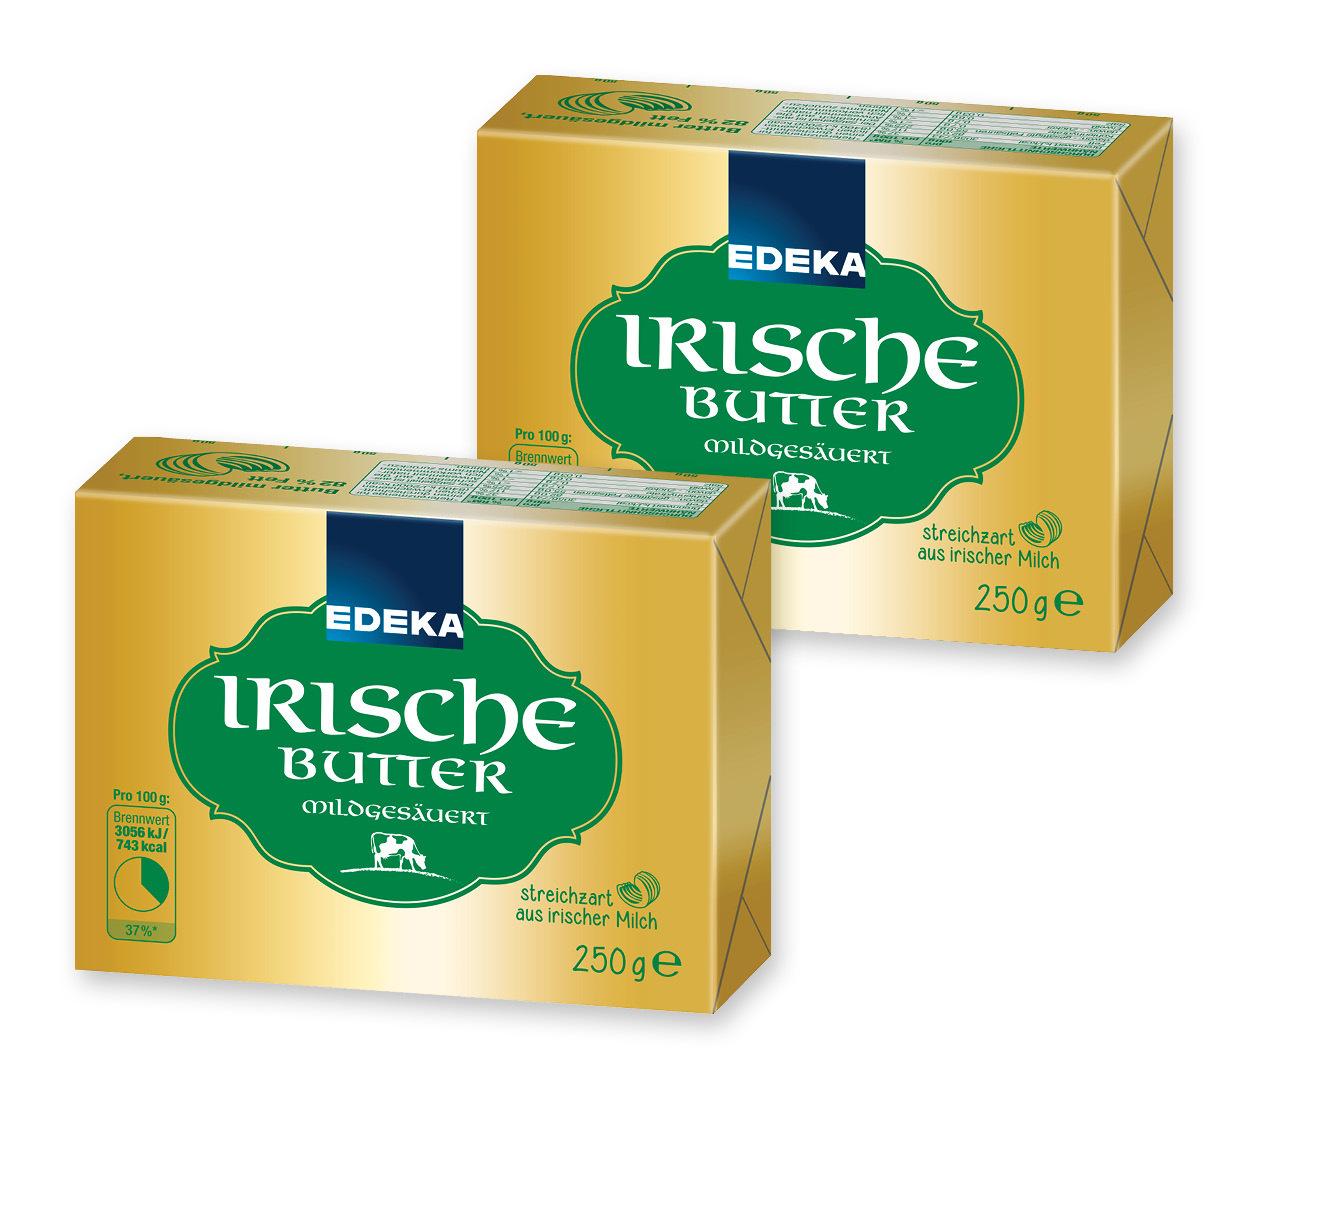 EDEKA Irische Butter